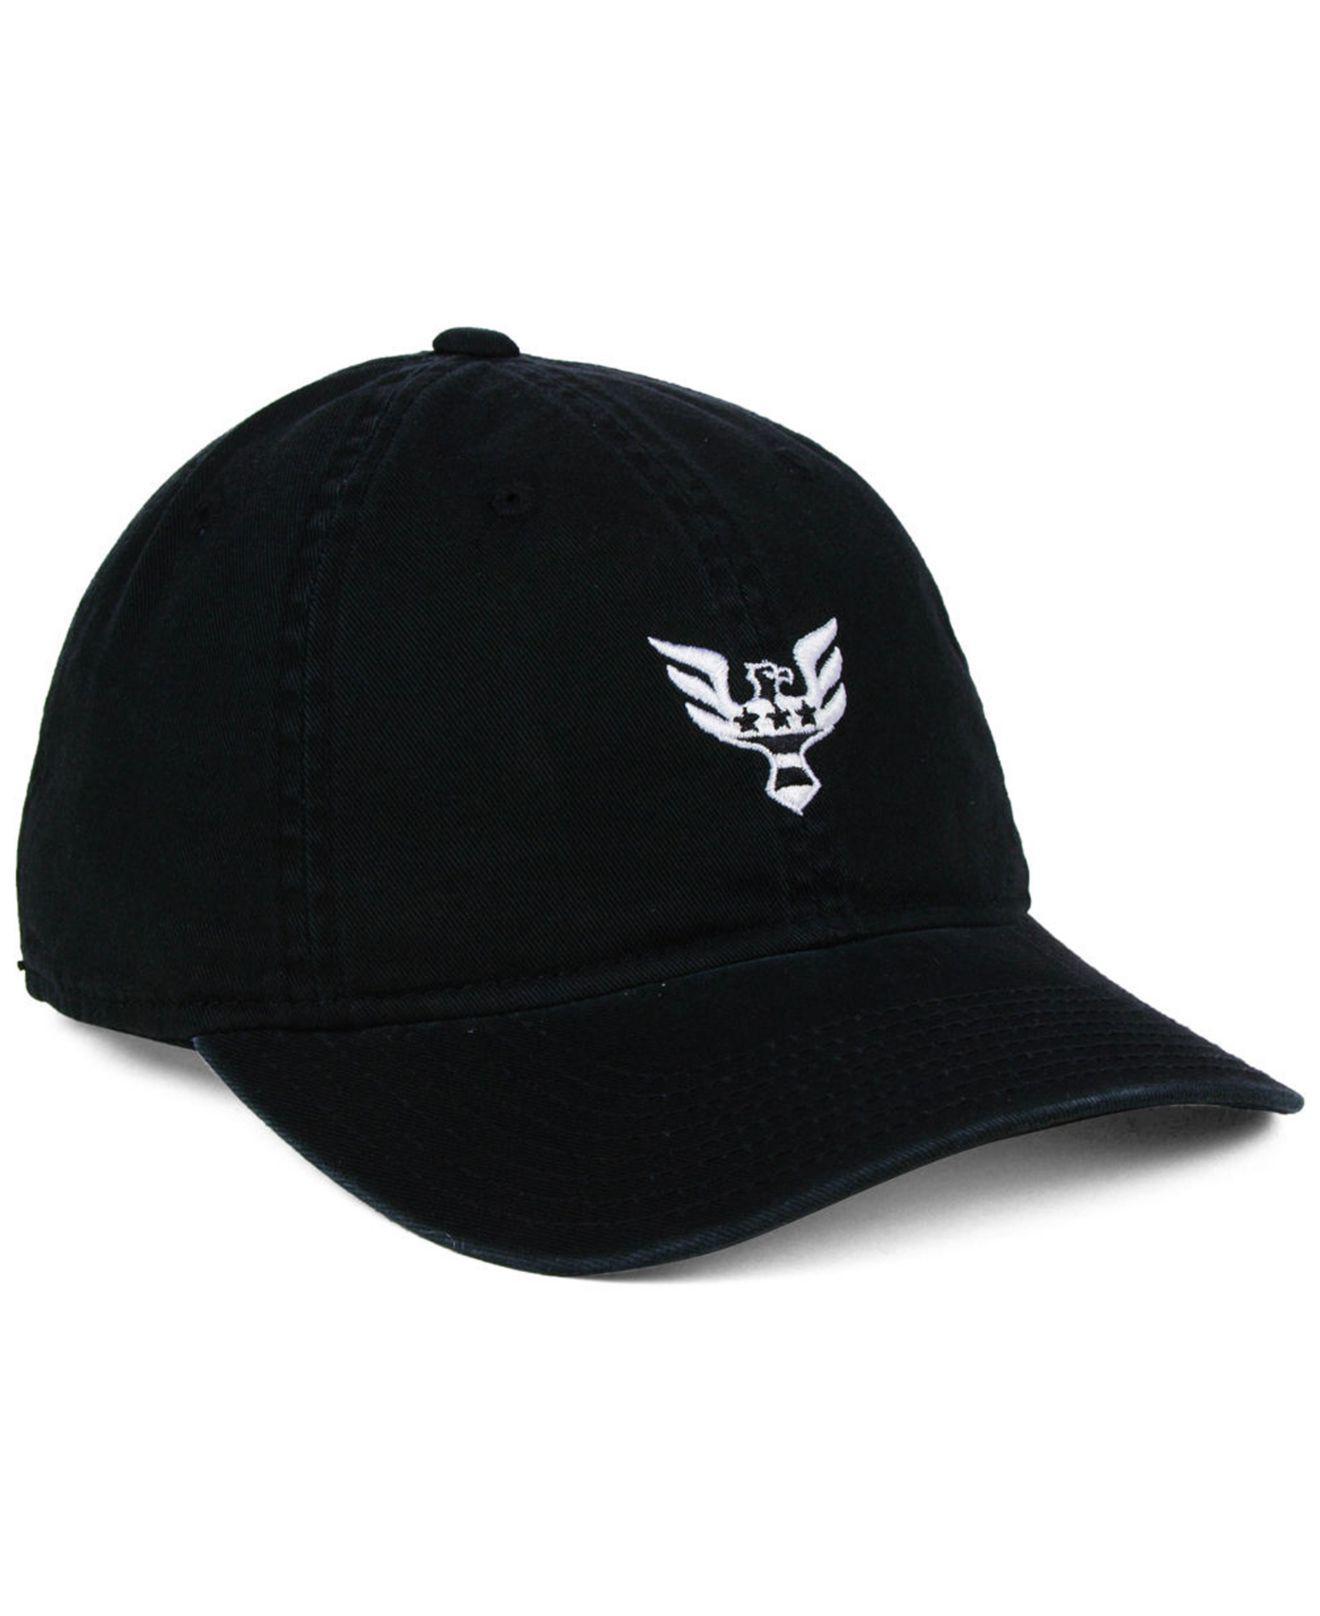 17781d36648 Lyst - adidas Dc United Partial Logo Dad Cap in Black for Men